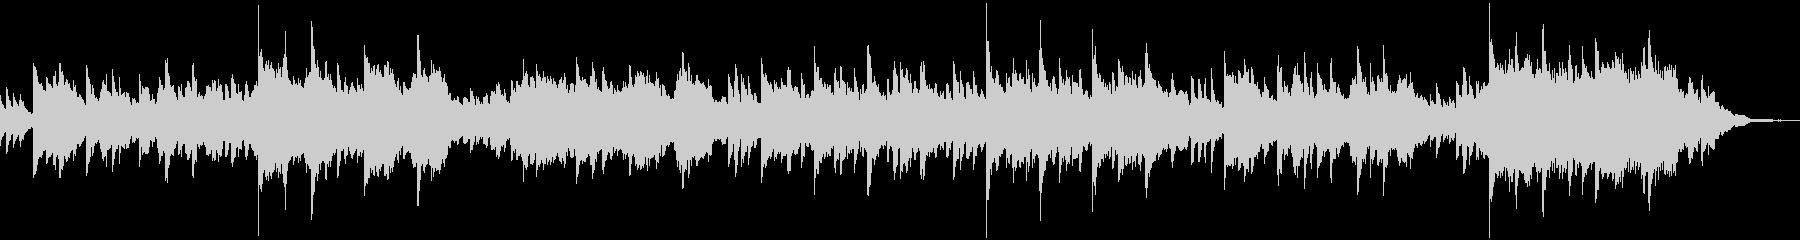 プログレッシブ 交響曲 アンビエン...の未再生の波形